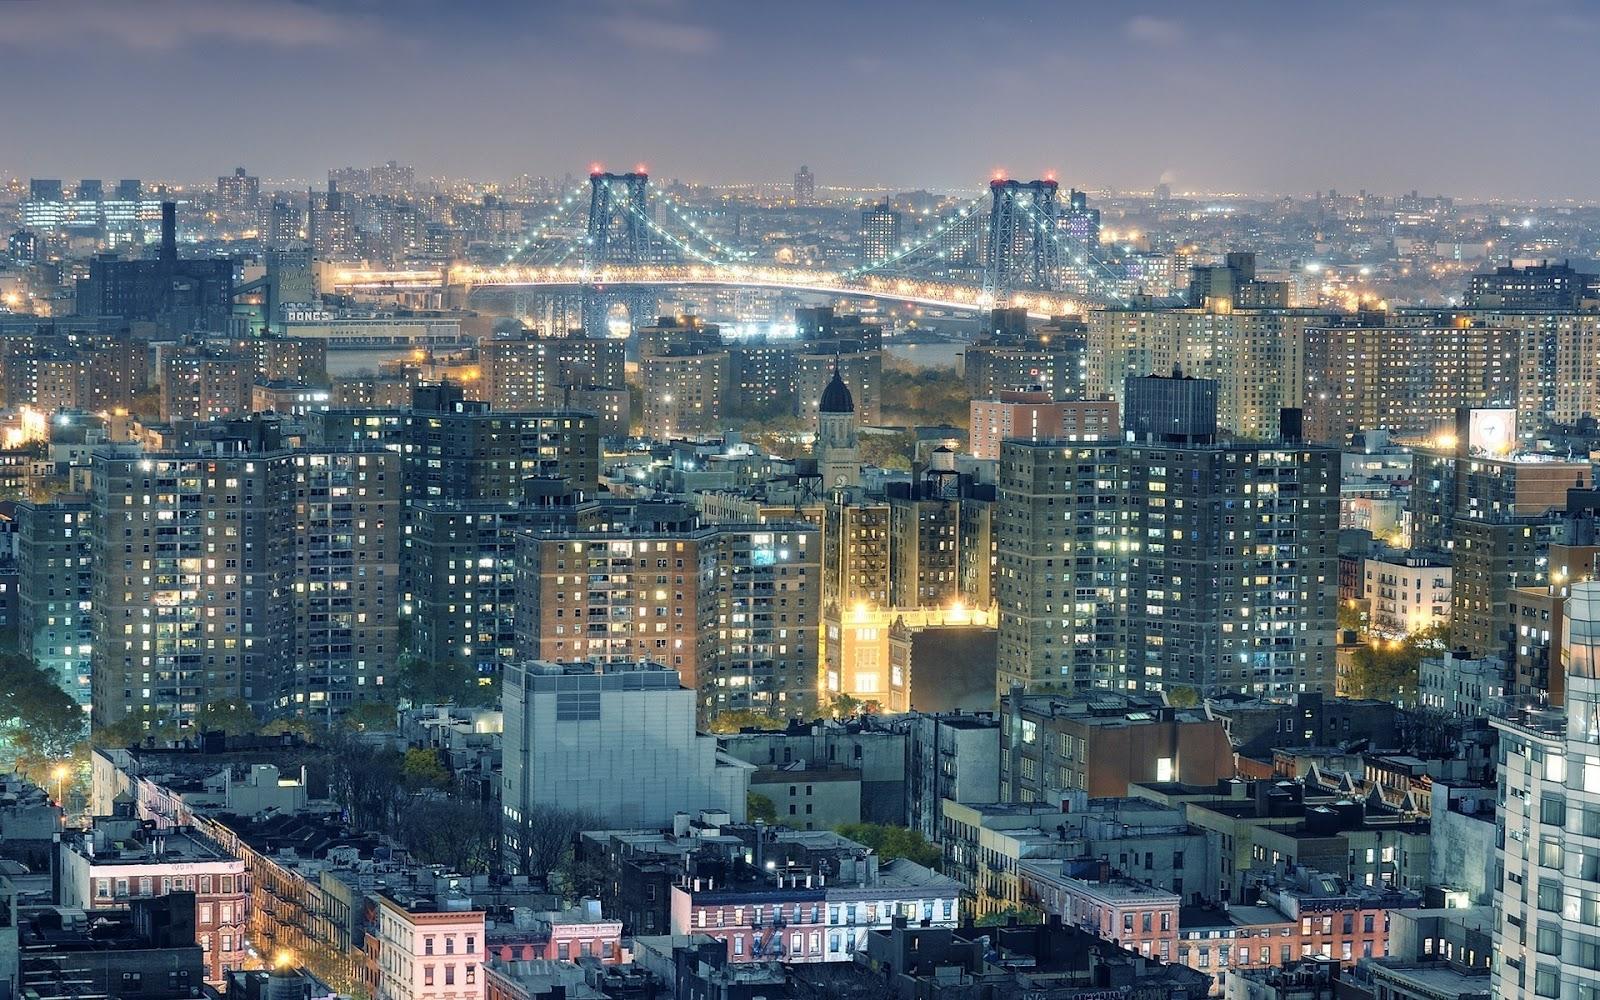 http://3.bp.blogspot.com/-JObjINrLLrc/T2DAXaq15gI/AAAAAAAAWf4/UAt0Ez8U2Q8/s1600/Puente-de-Brooklyn-NYC_Brooklyn-Bridge_10.jpg